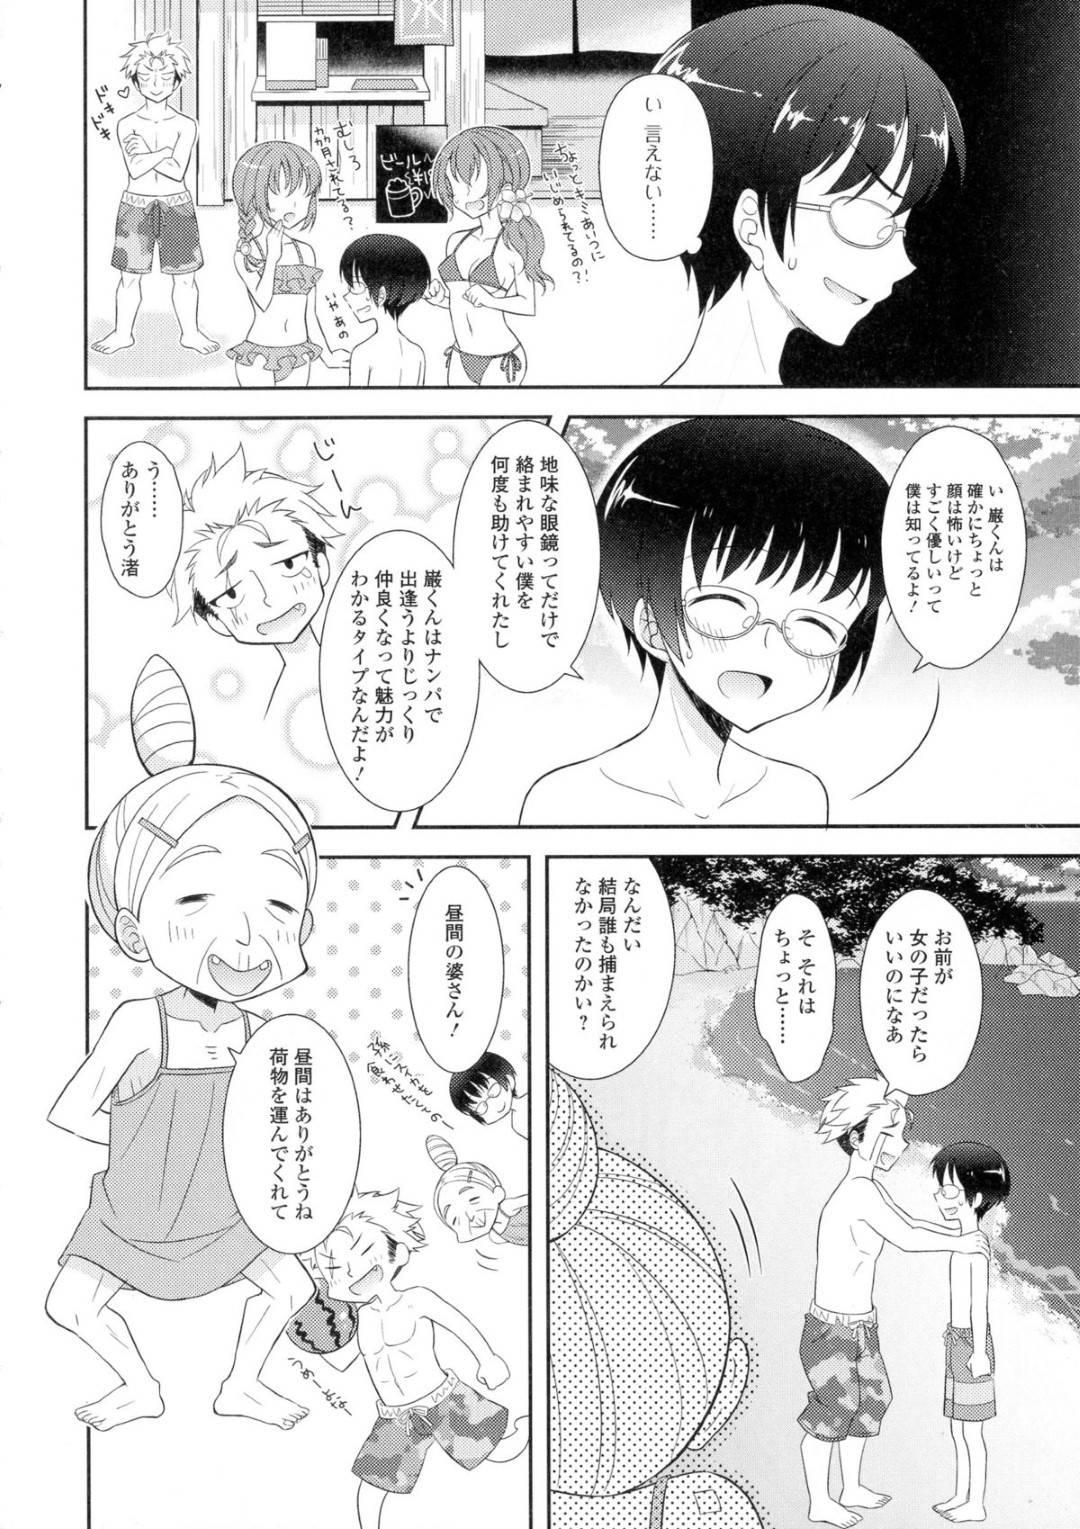 【友人女体化エロ漫画】不思議な真珠をもらった男はは彼女が欲しいと願うと友人が女体化してしまい、旅館で襲いかかり中出しセックス【あむ】